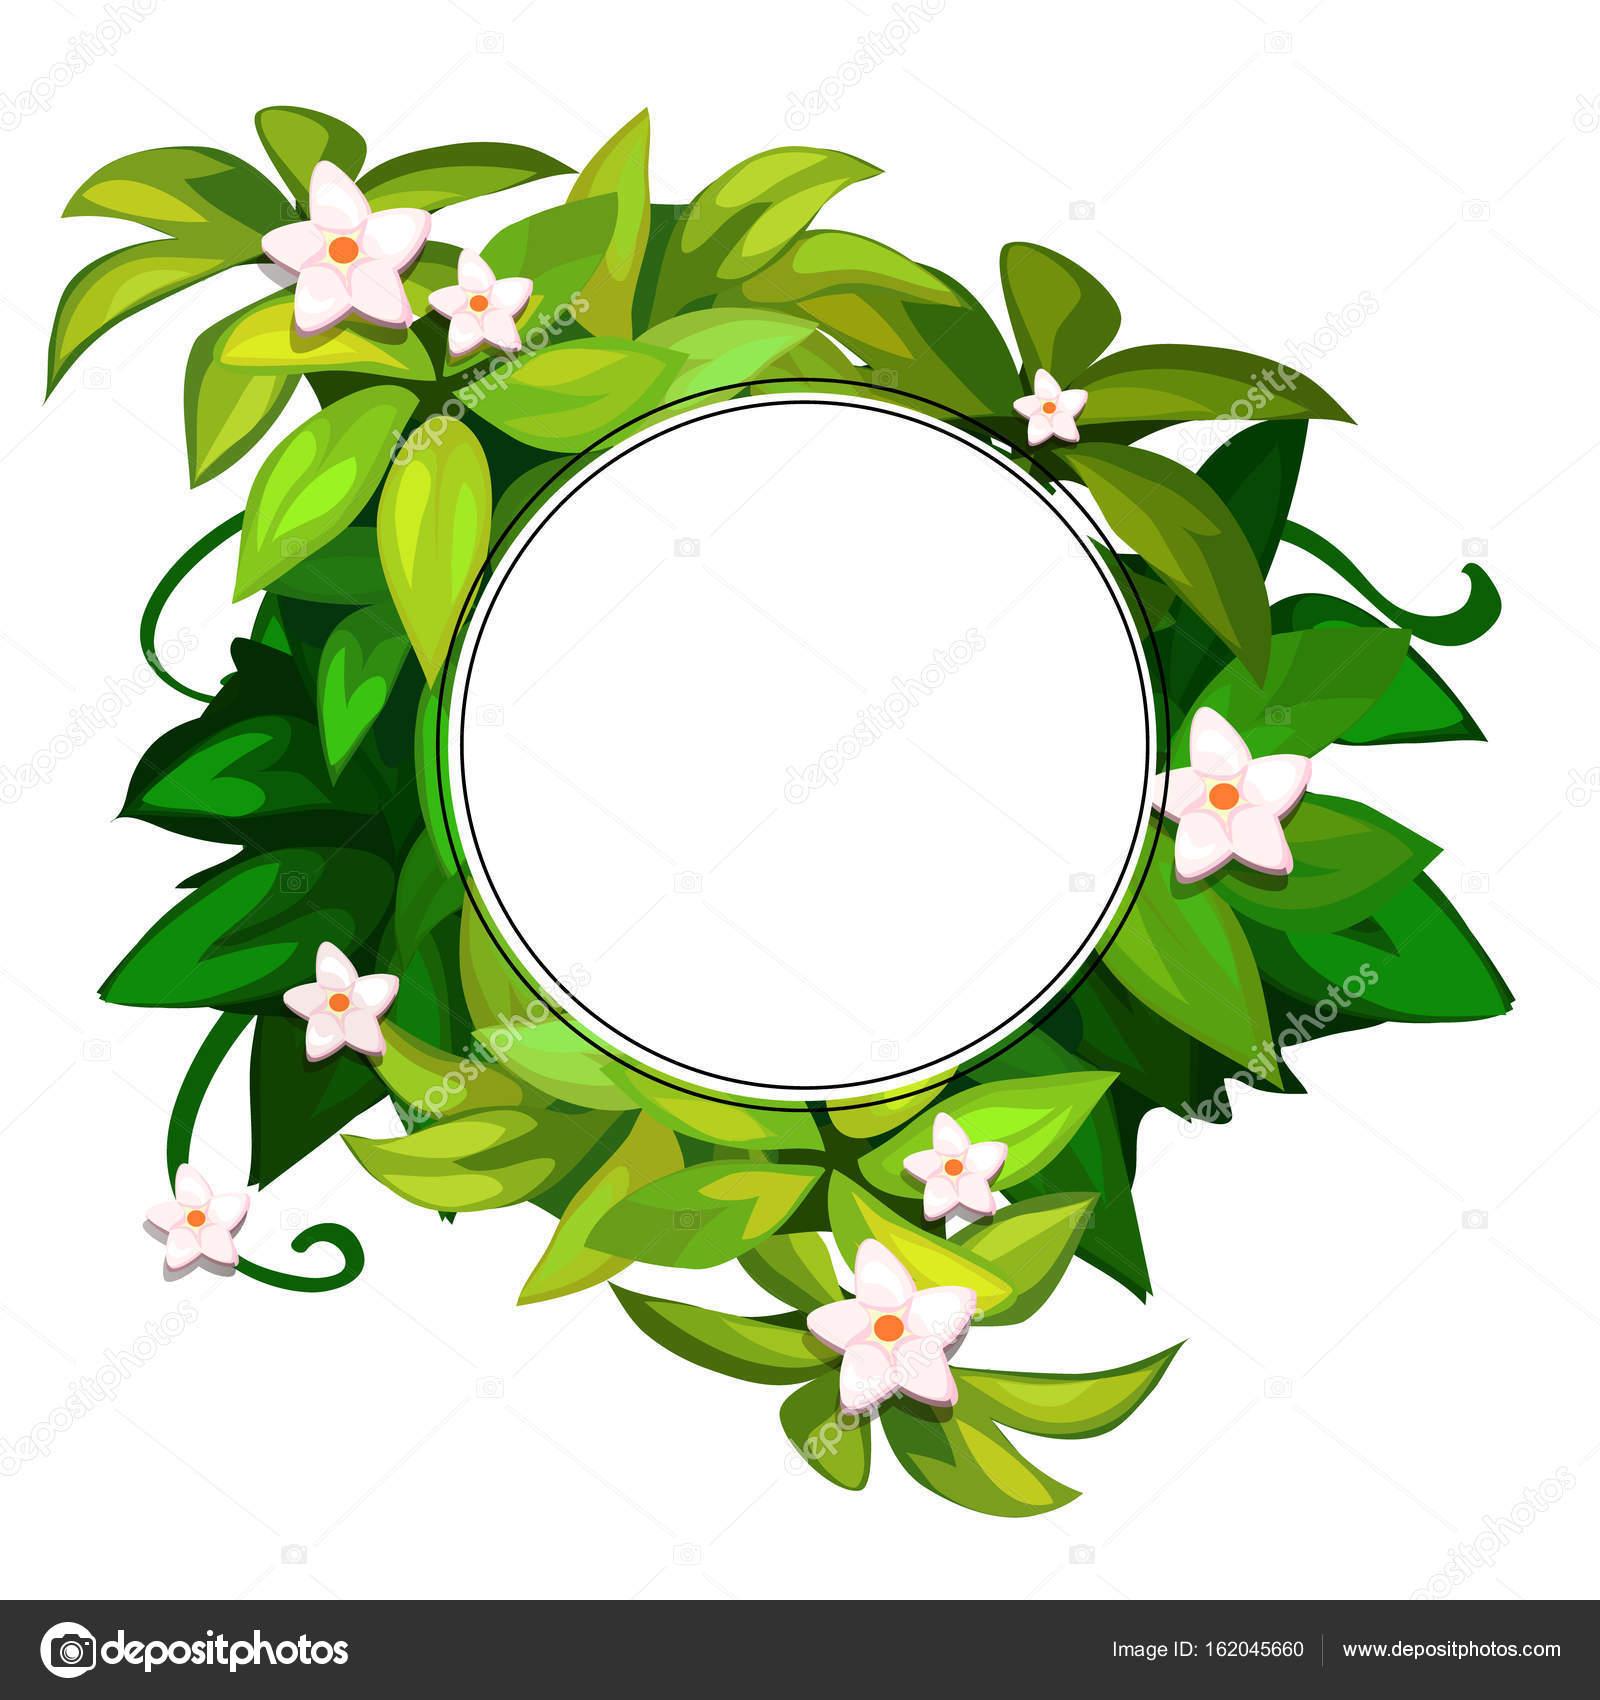 Красивые зелёные картинки 35 фото  Прикольные картинки